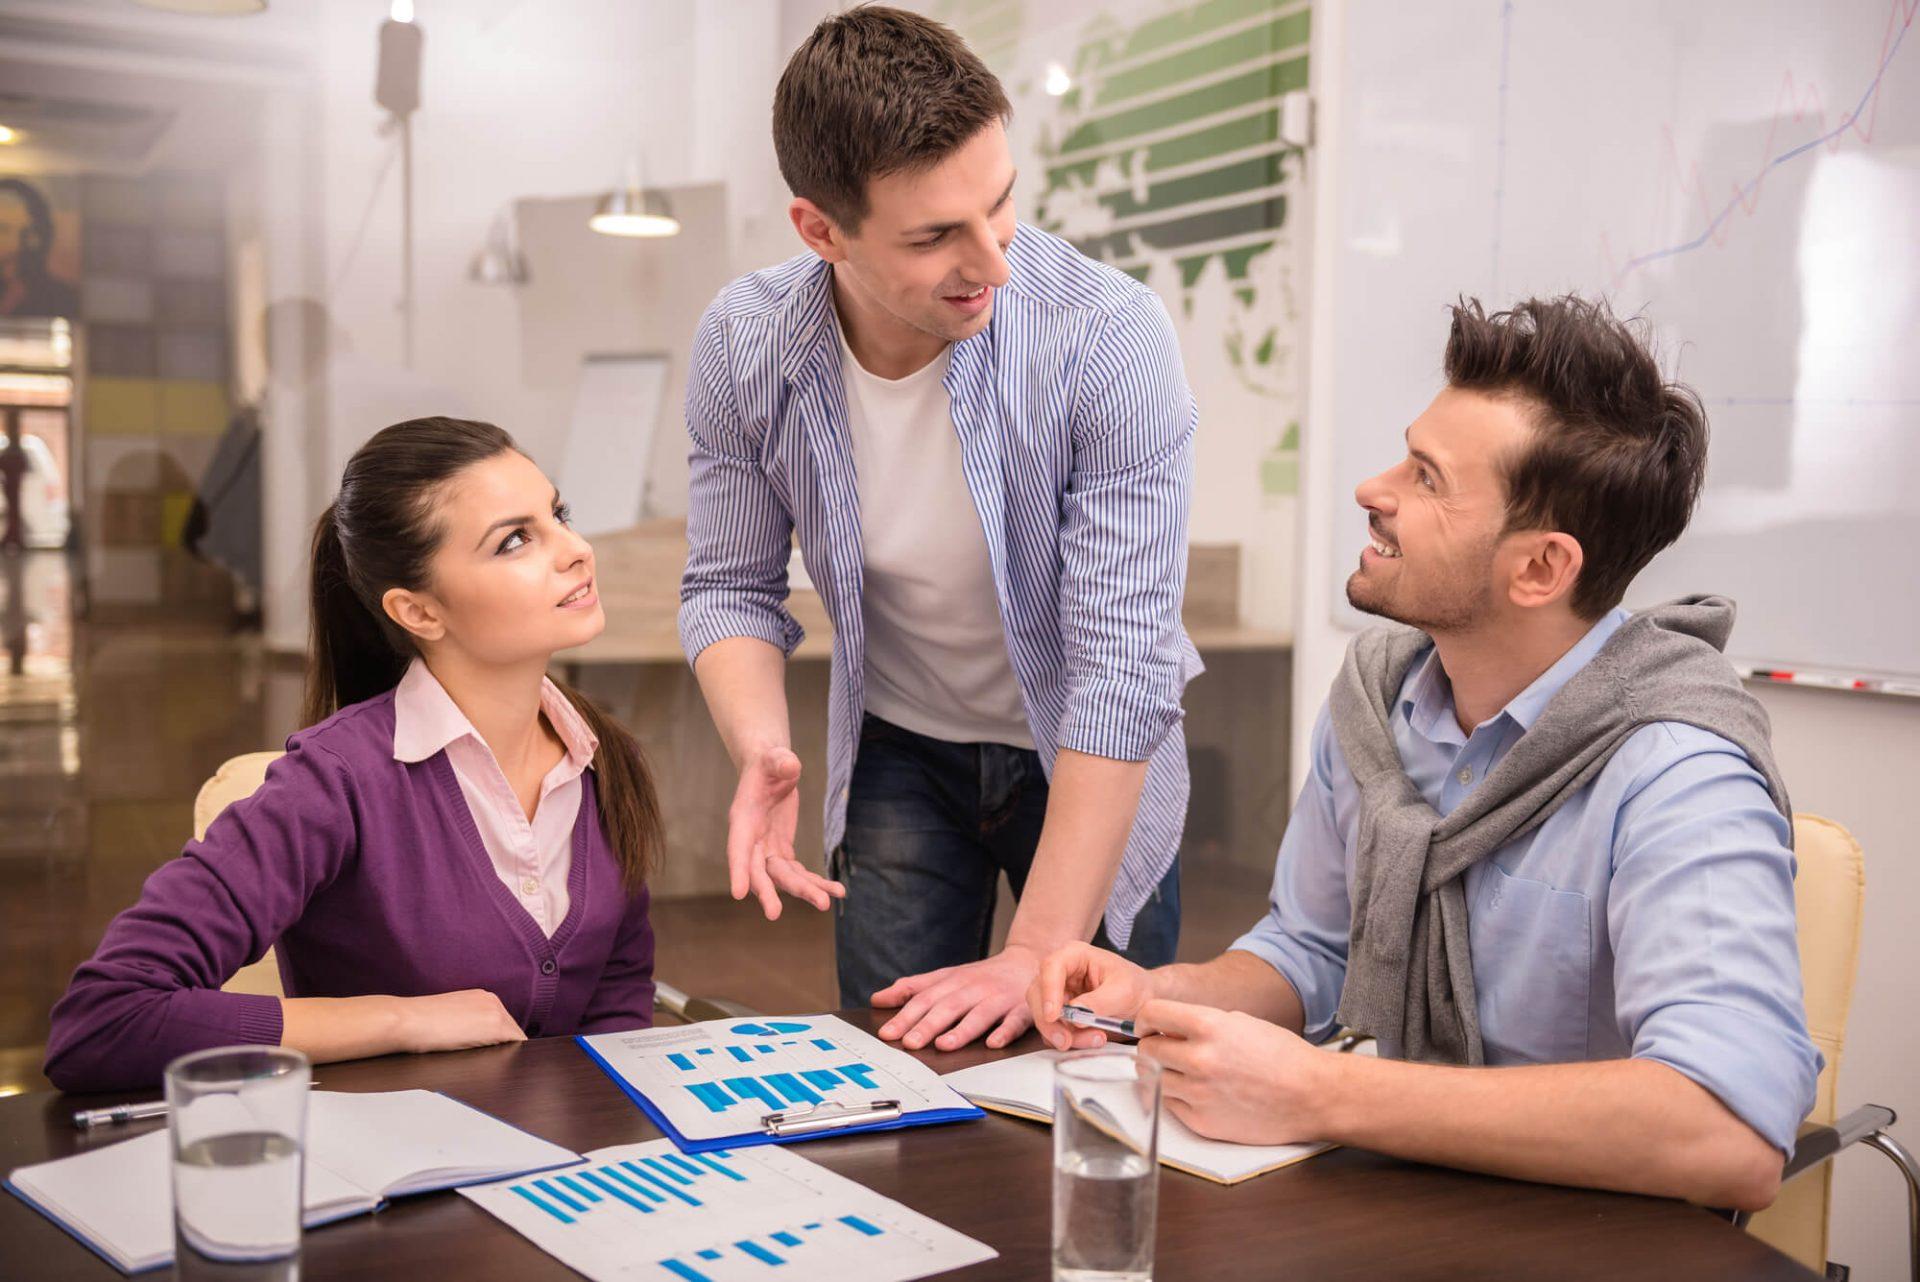 Você sabe como estimular o desenvolvimento empresarial no seu empreendimento?